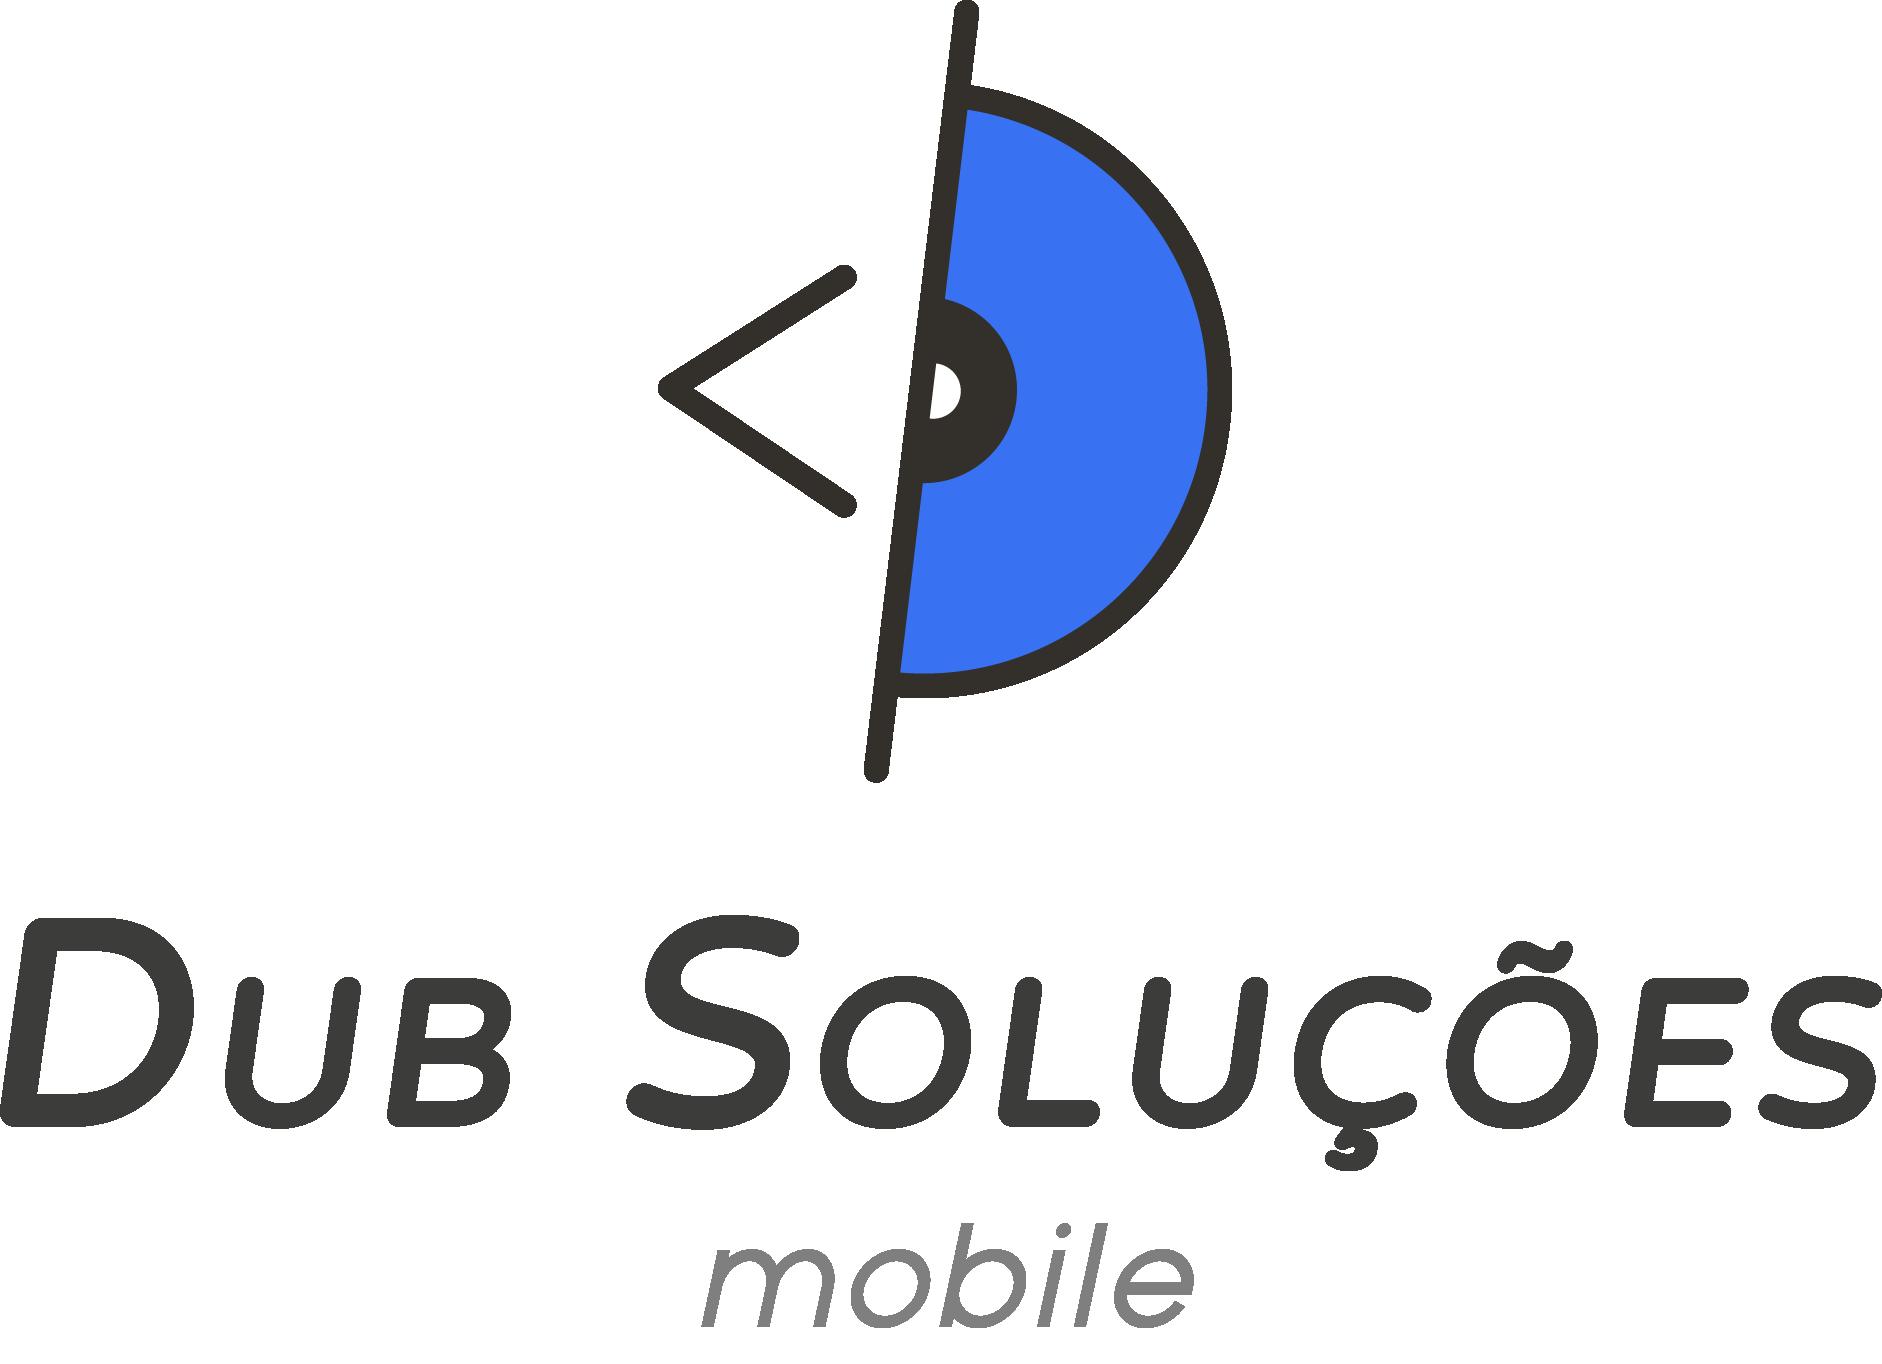 Dub Soluções Mobile Logo